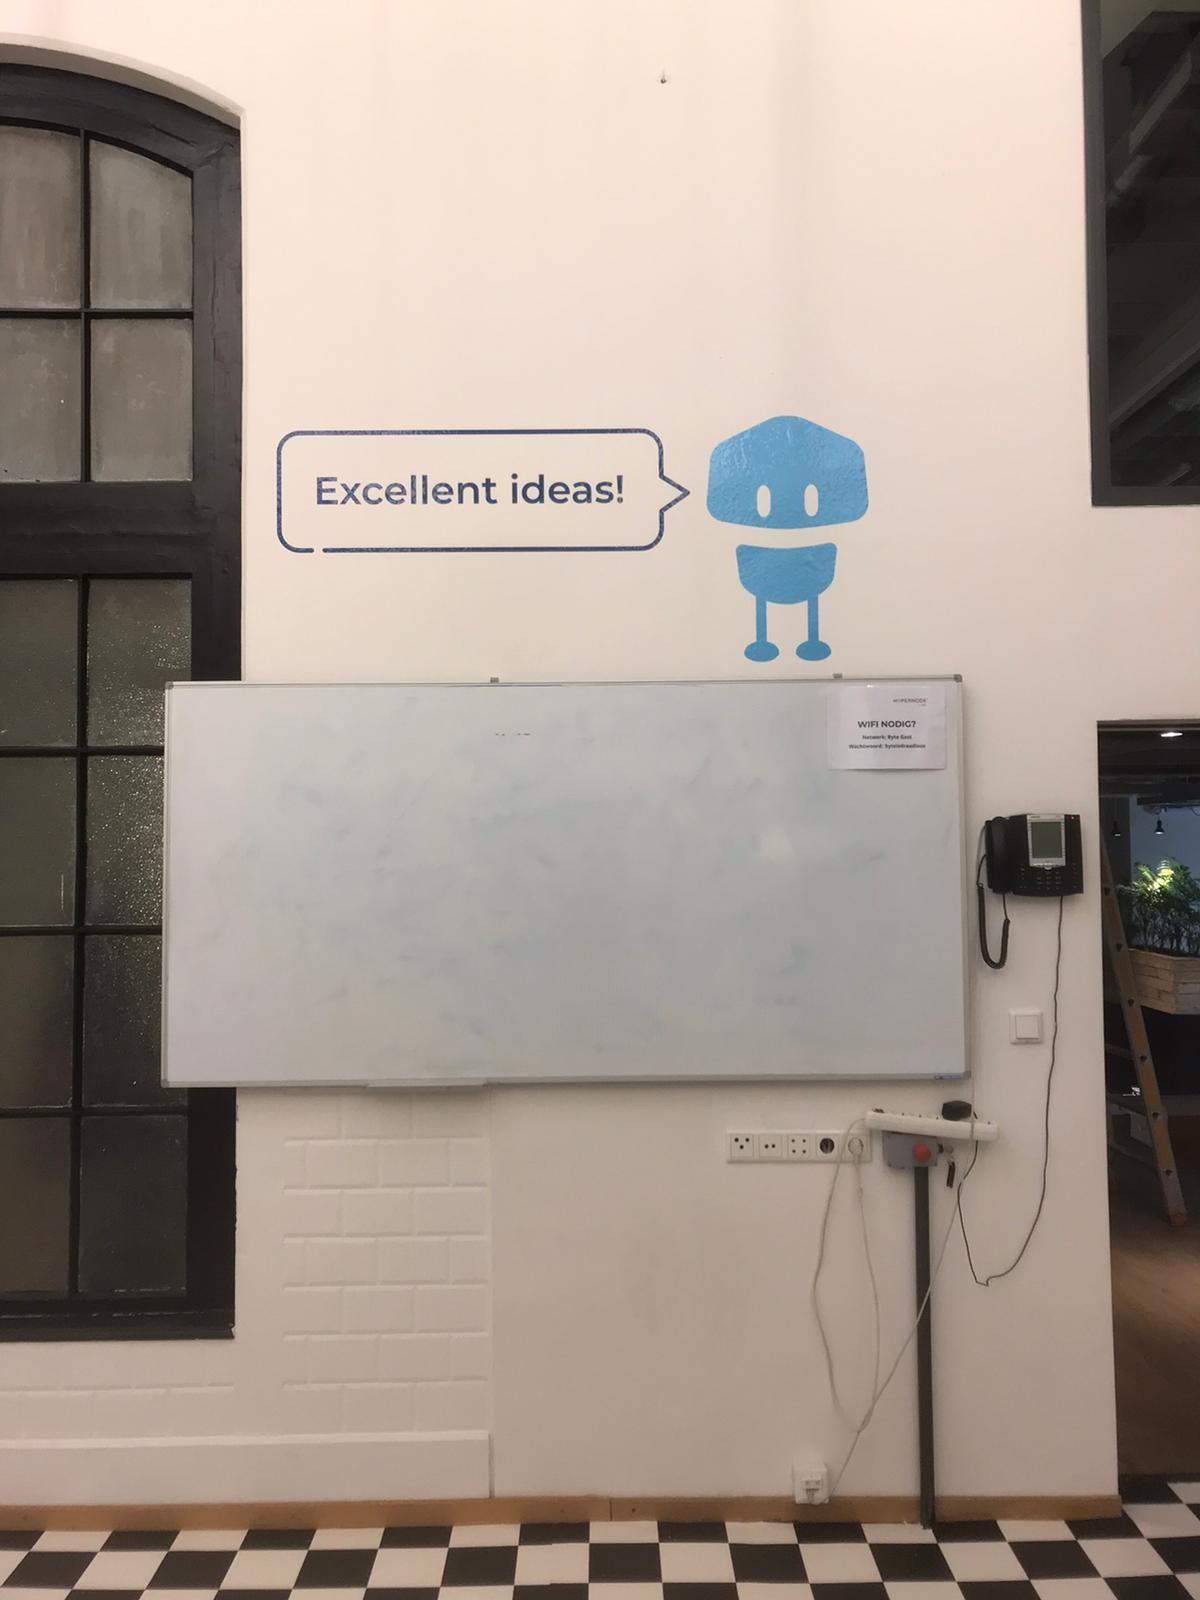 Wall-grip signage ideas